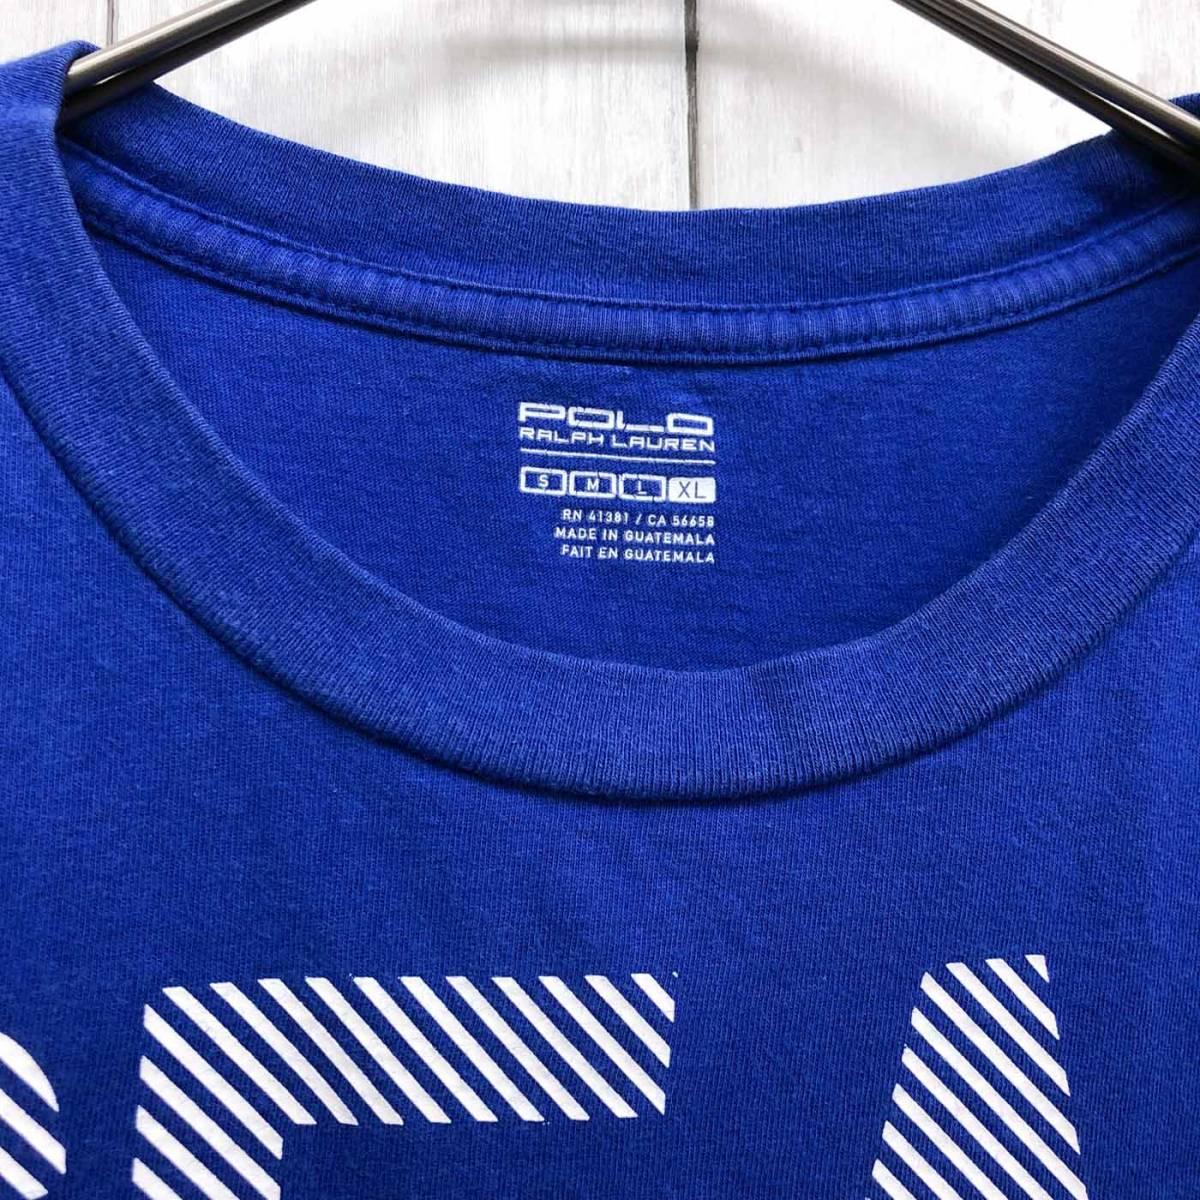 ラルフローレン POLO Ralph Lauren Polo 半袖Tシャツ メンズ ワンポイント XLサイズ 9-87_画像5